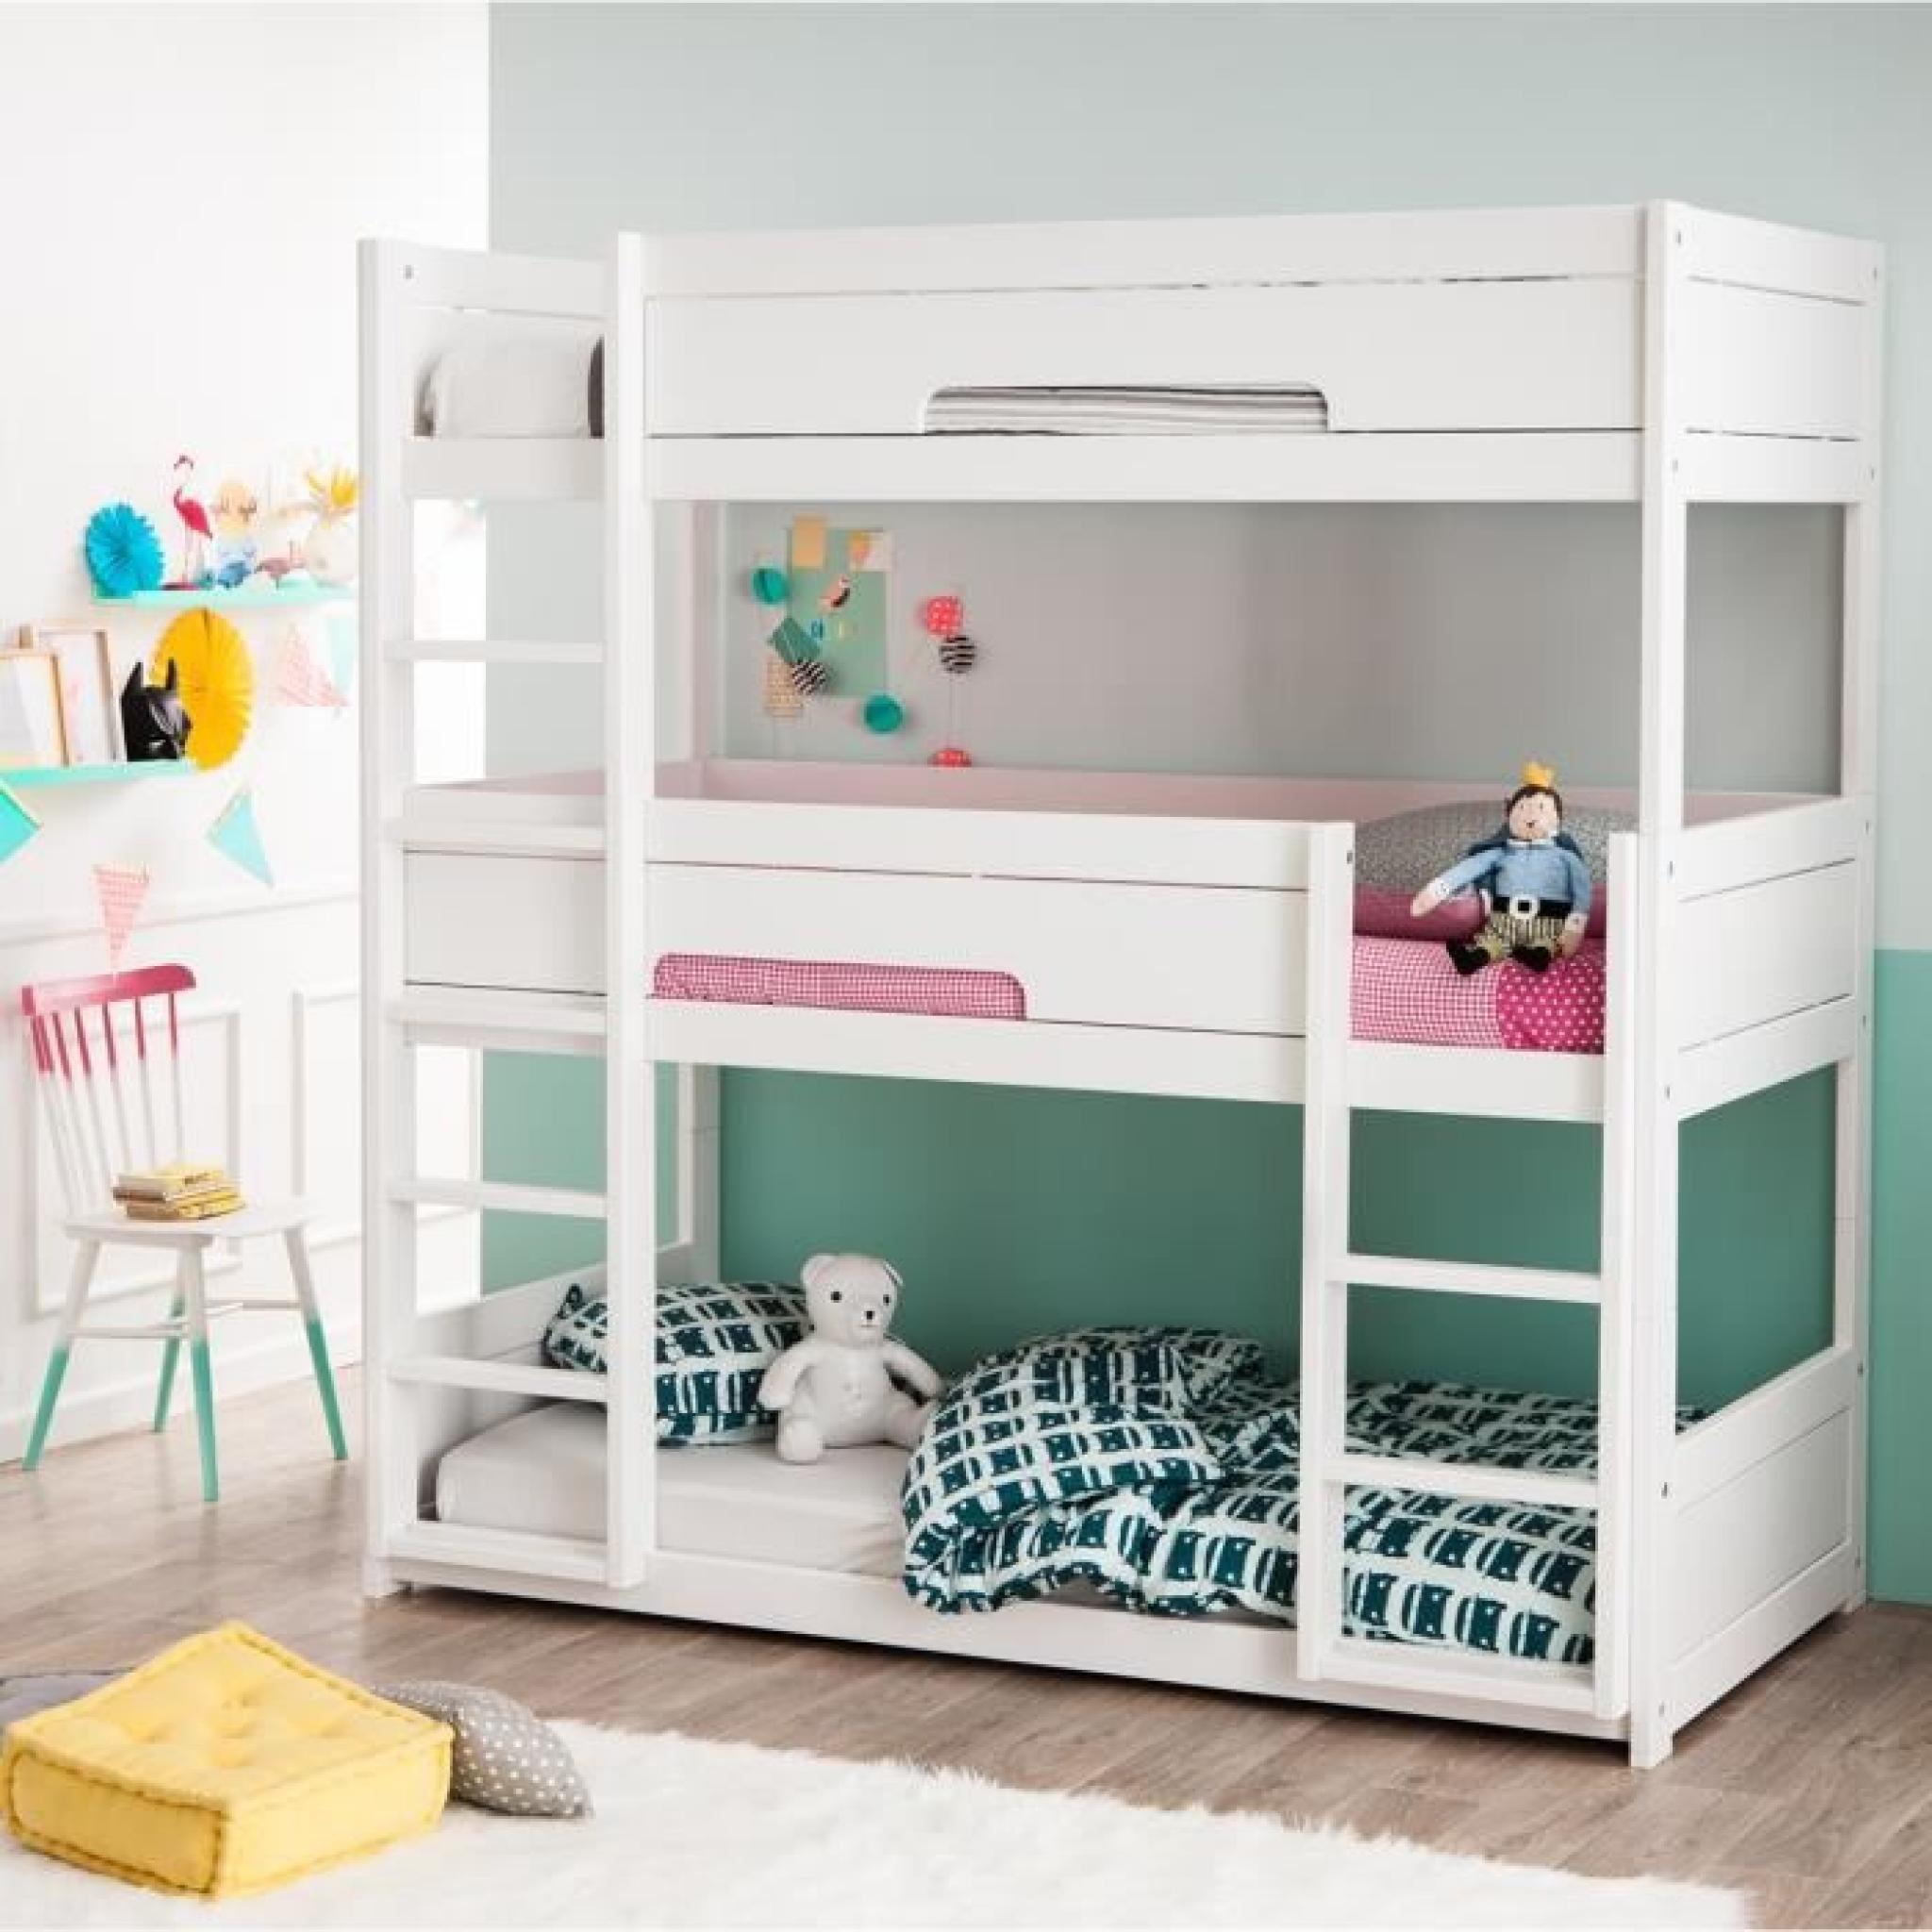 lit superpos triple bois 90x200 hermes blanc couleur marketing blanc composition pin. Black Bedroom Furniture Sets. Home Design Ideas